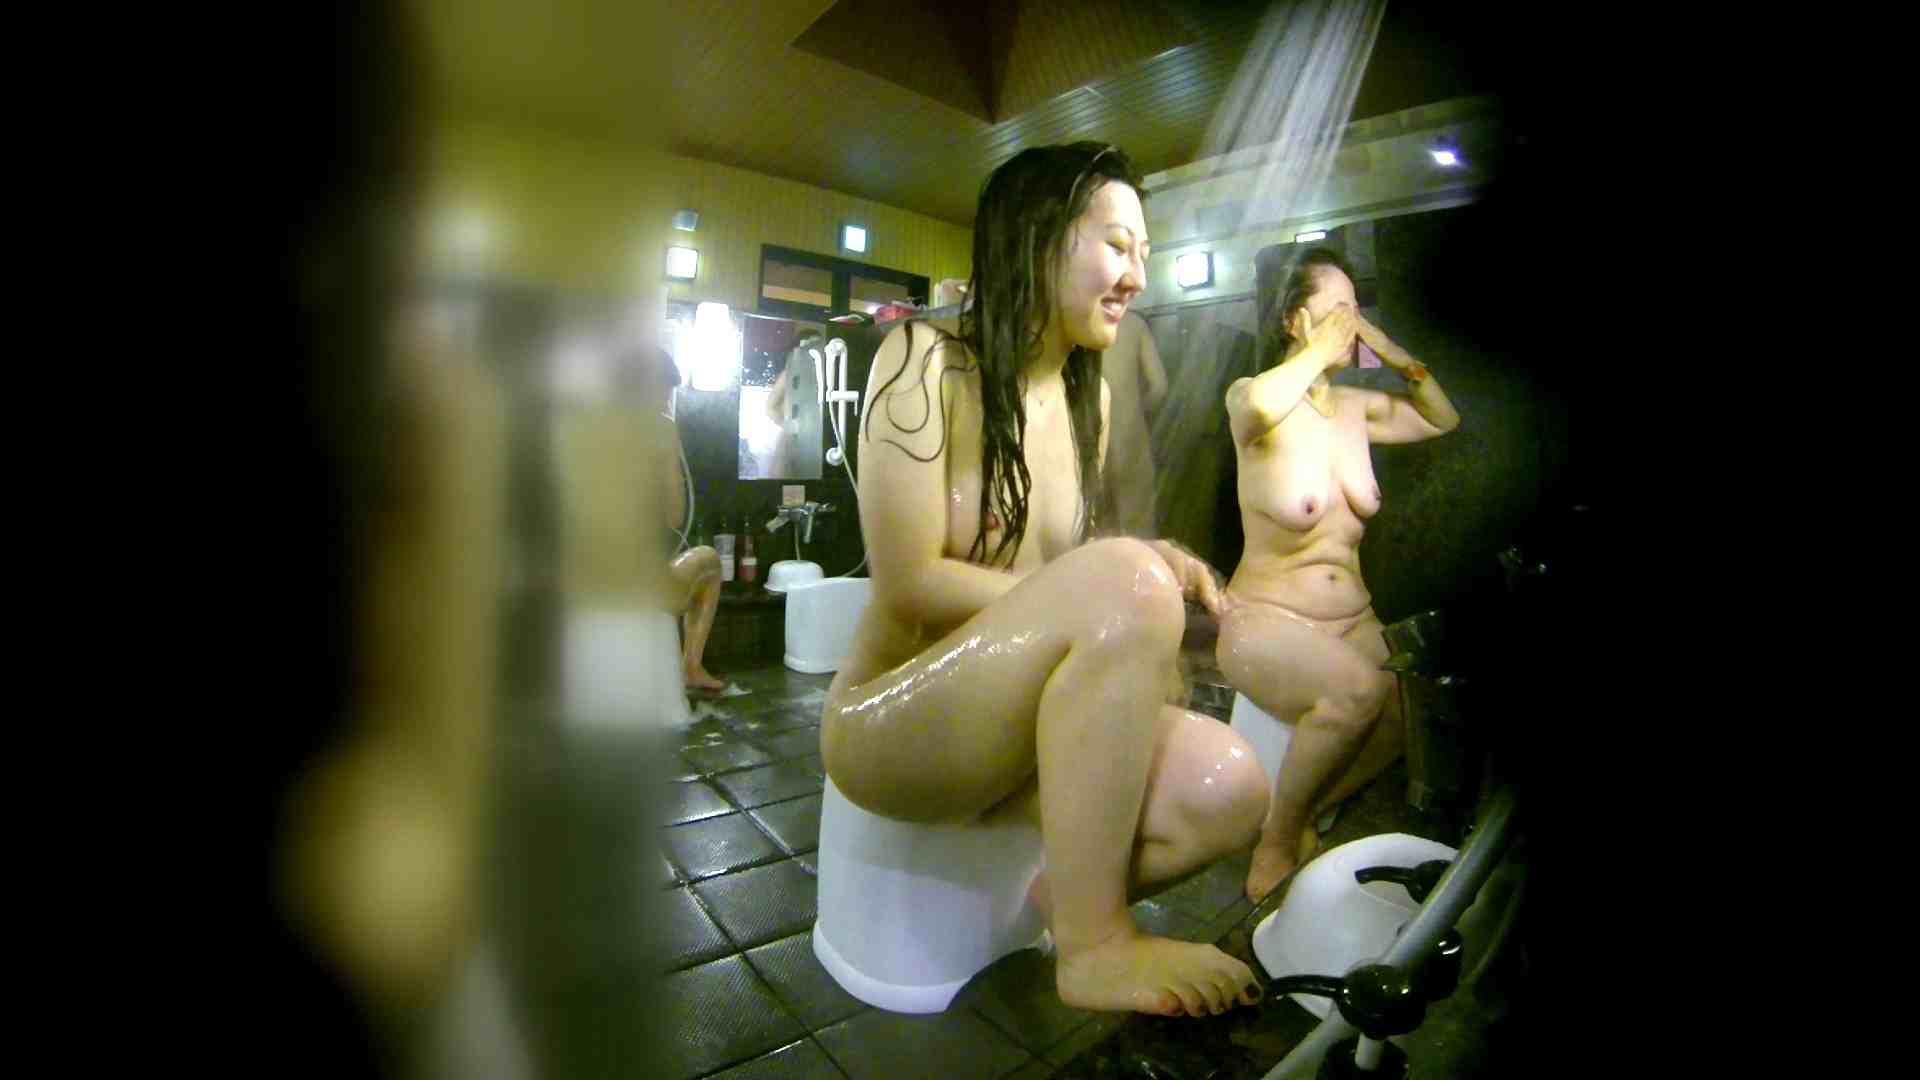 洗い場!右足の位置がいいですね。陰毛もっさり! 美乳 性交動画流出 107枚 39